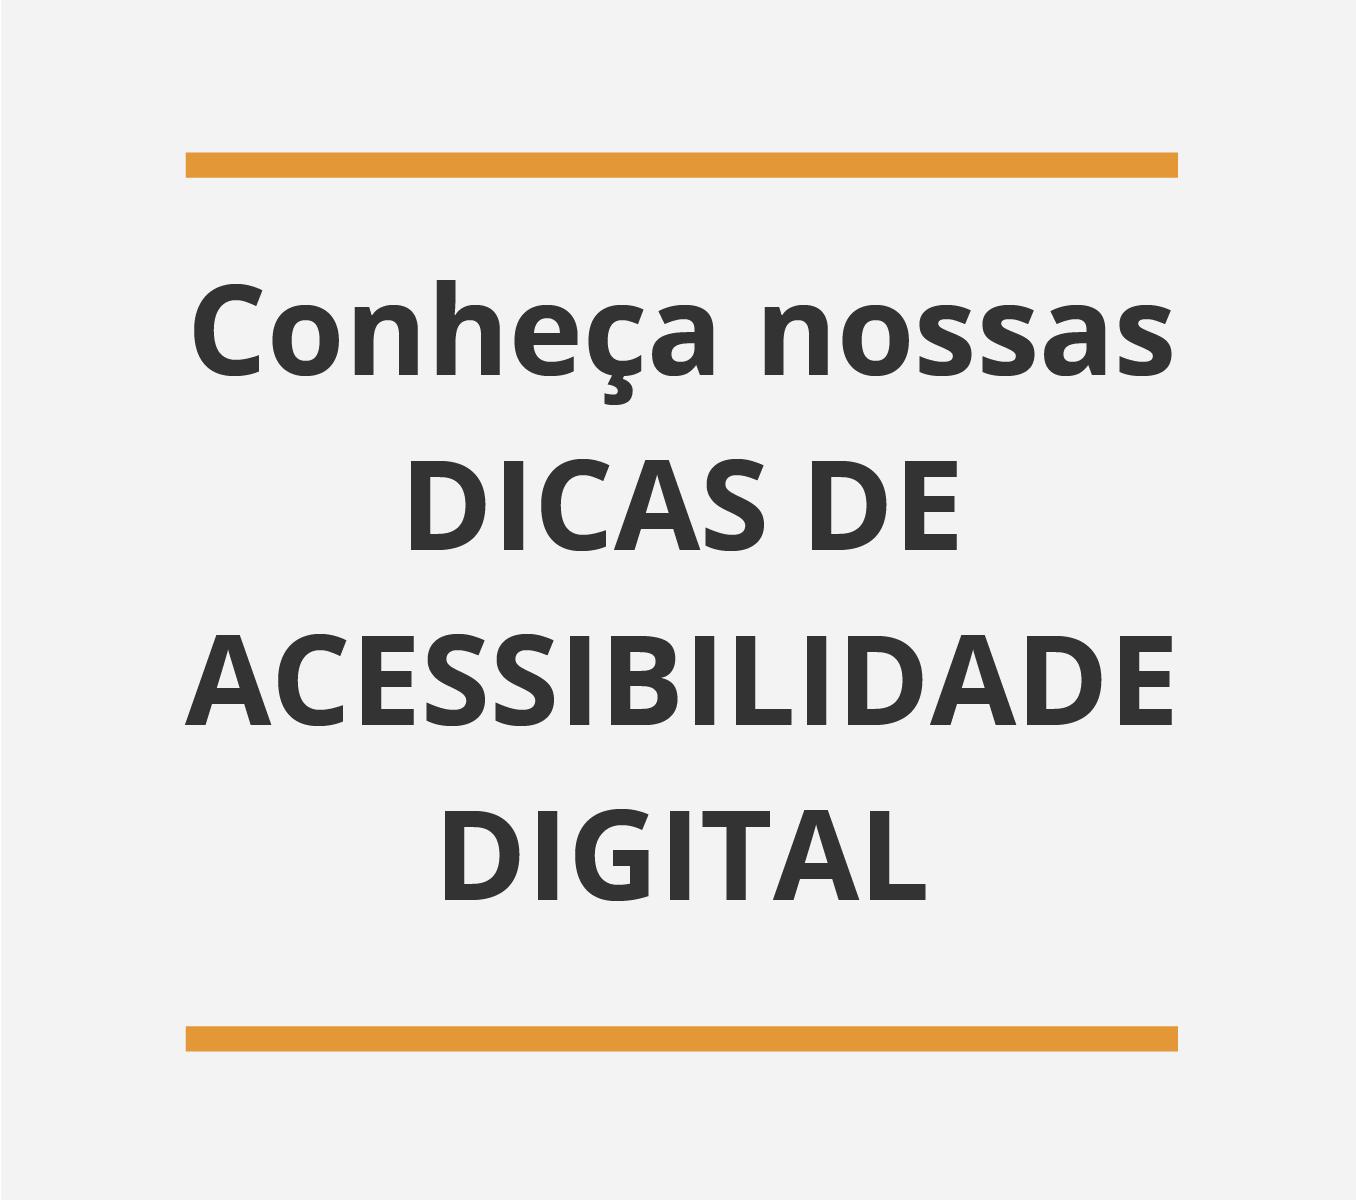 Conheça nossas dicas de acessibilidade digital